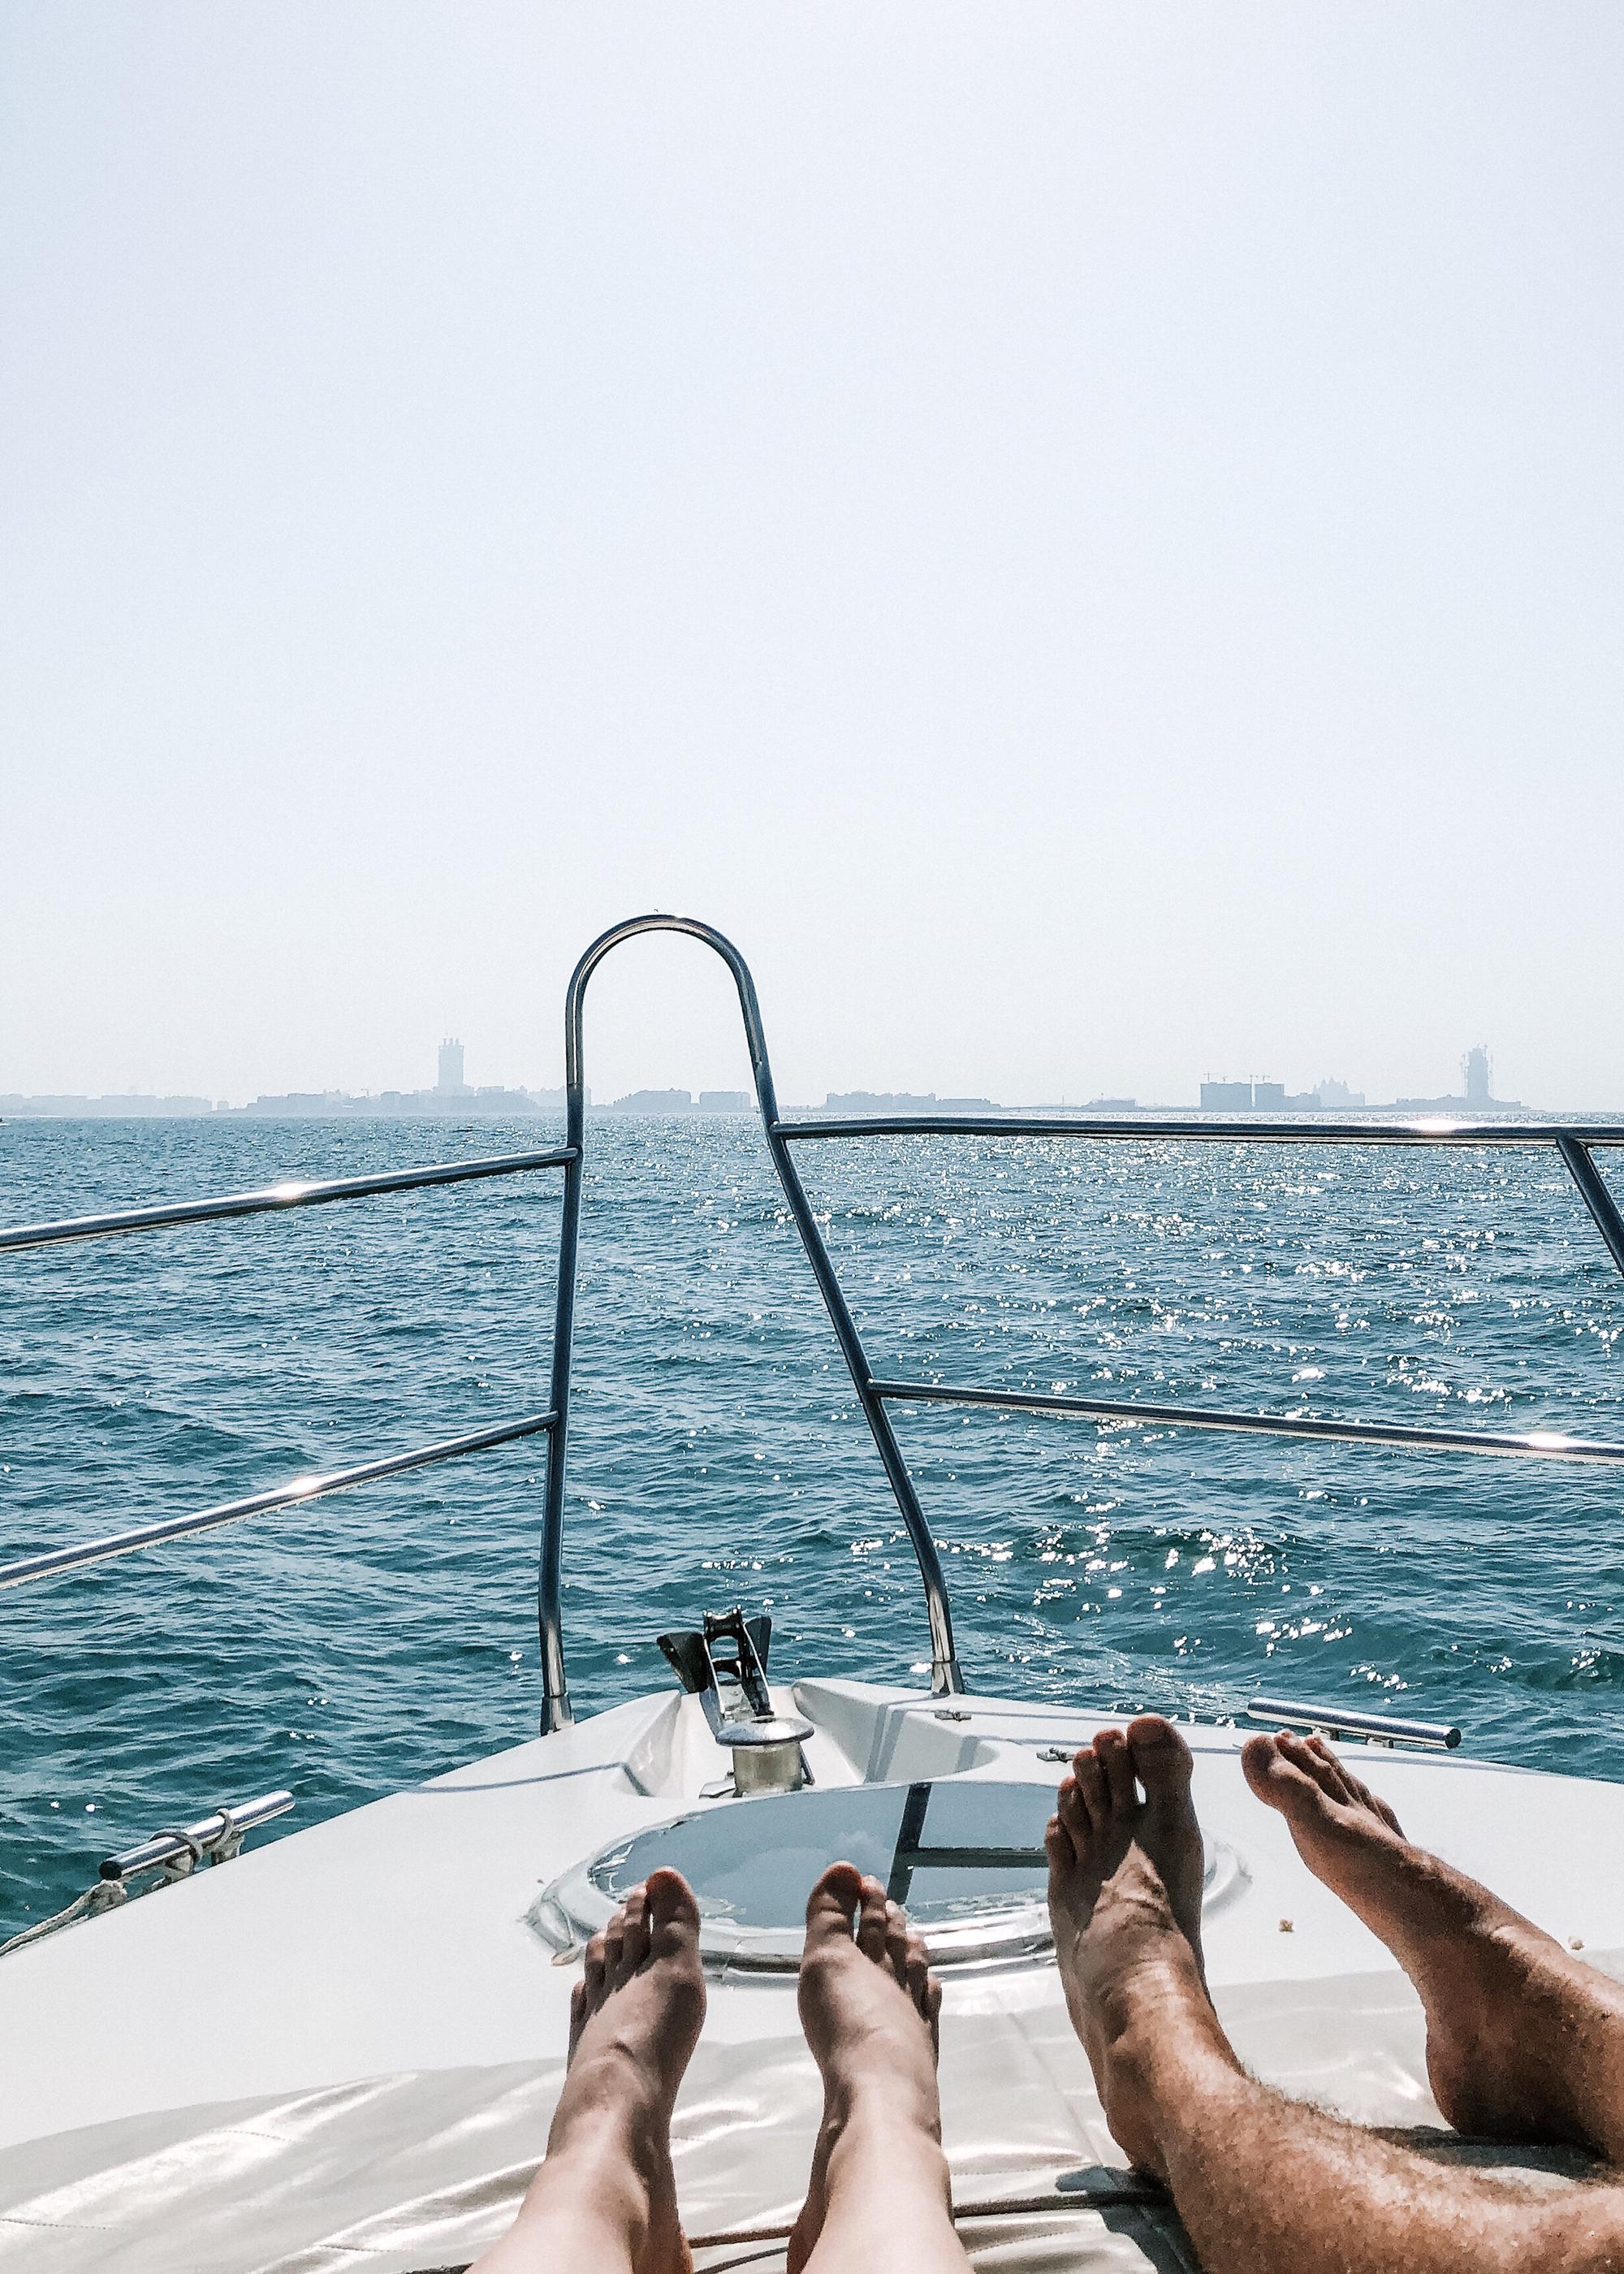 Dubai A-Ö | Dubai reseguide | Travel Guide Dubai | Rent a Yacht | By Sandramaria | Sandramarias.com